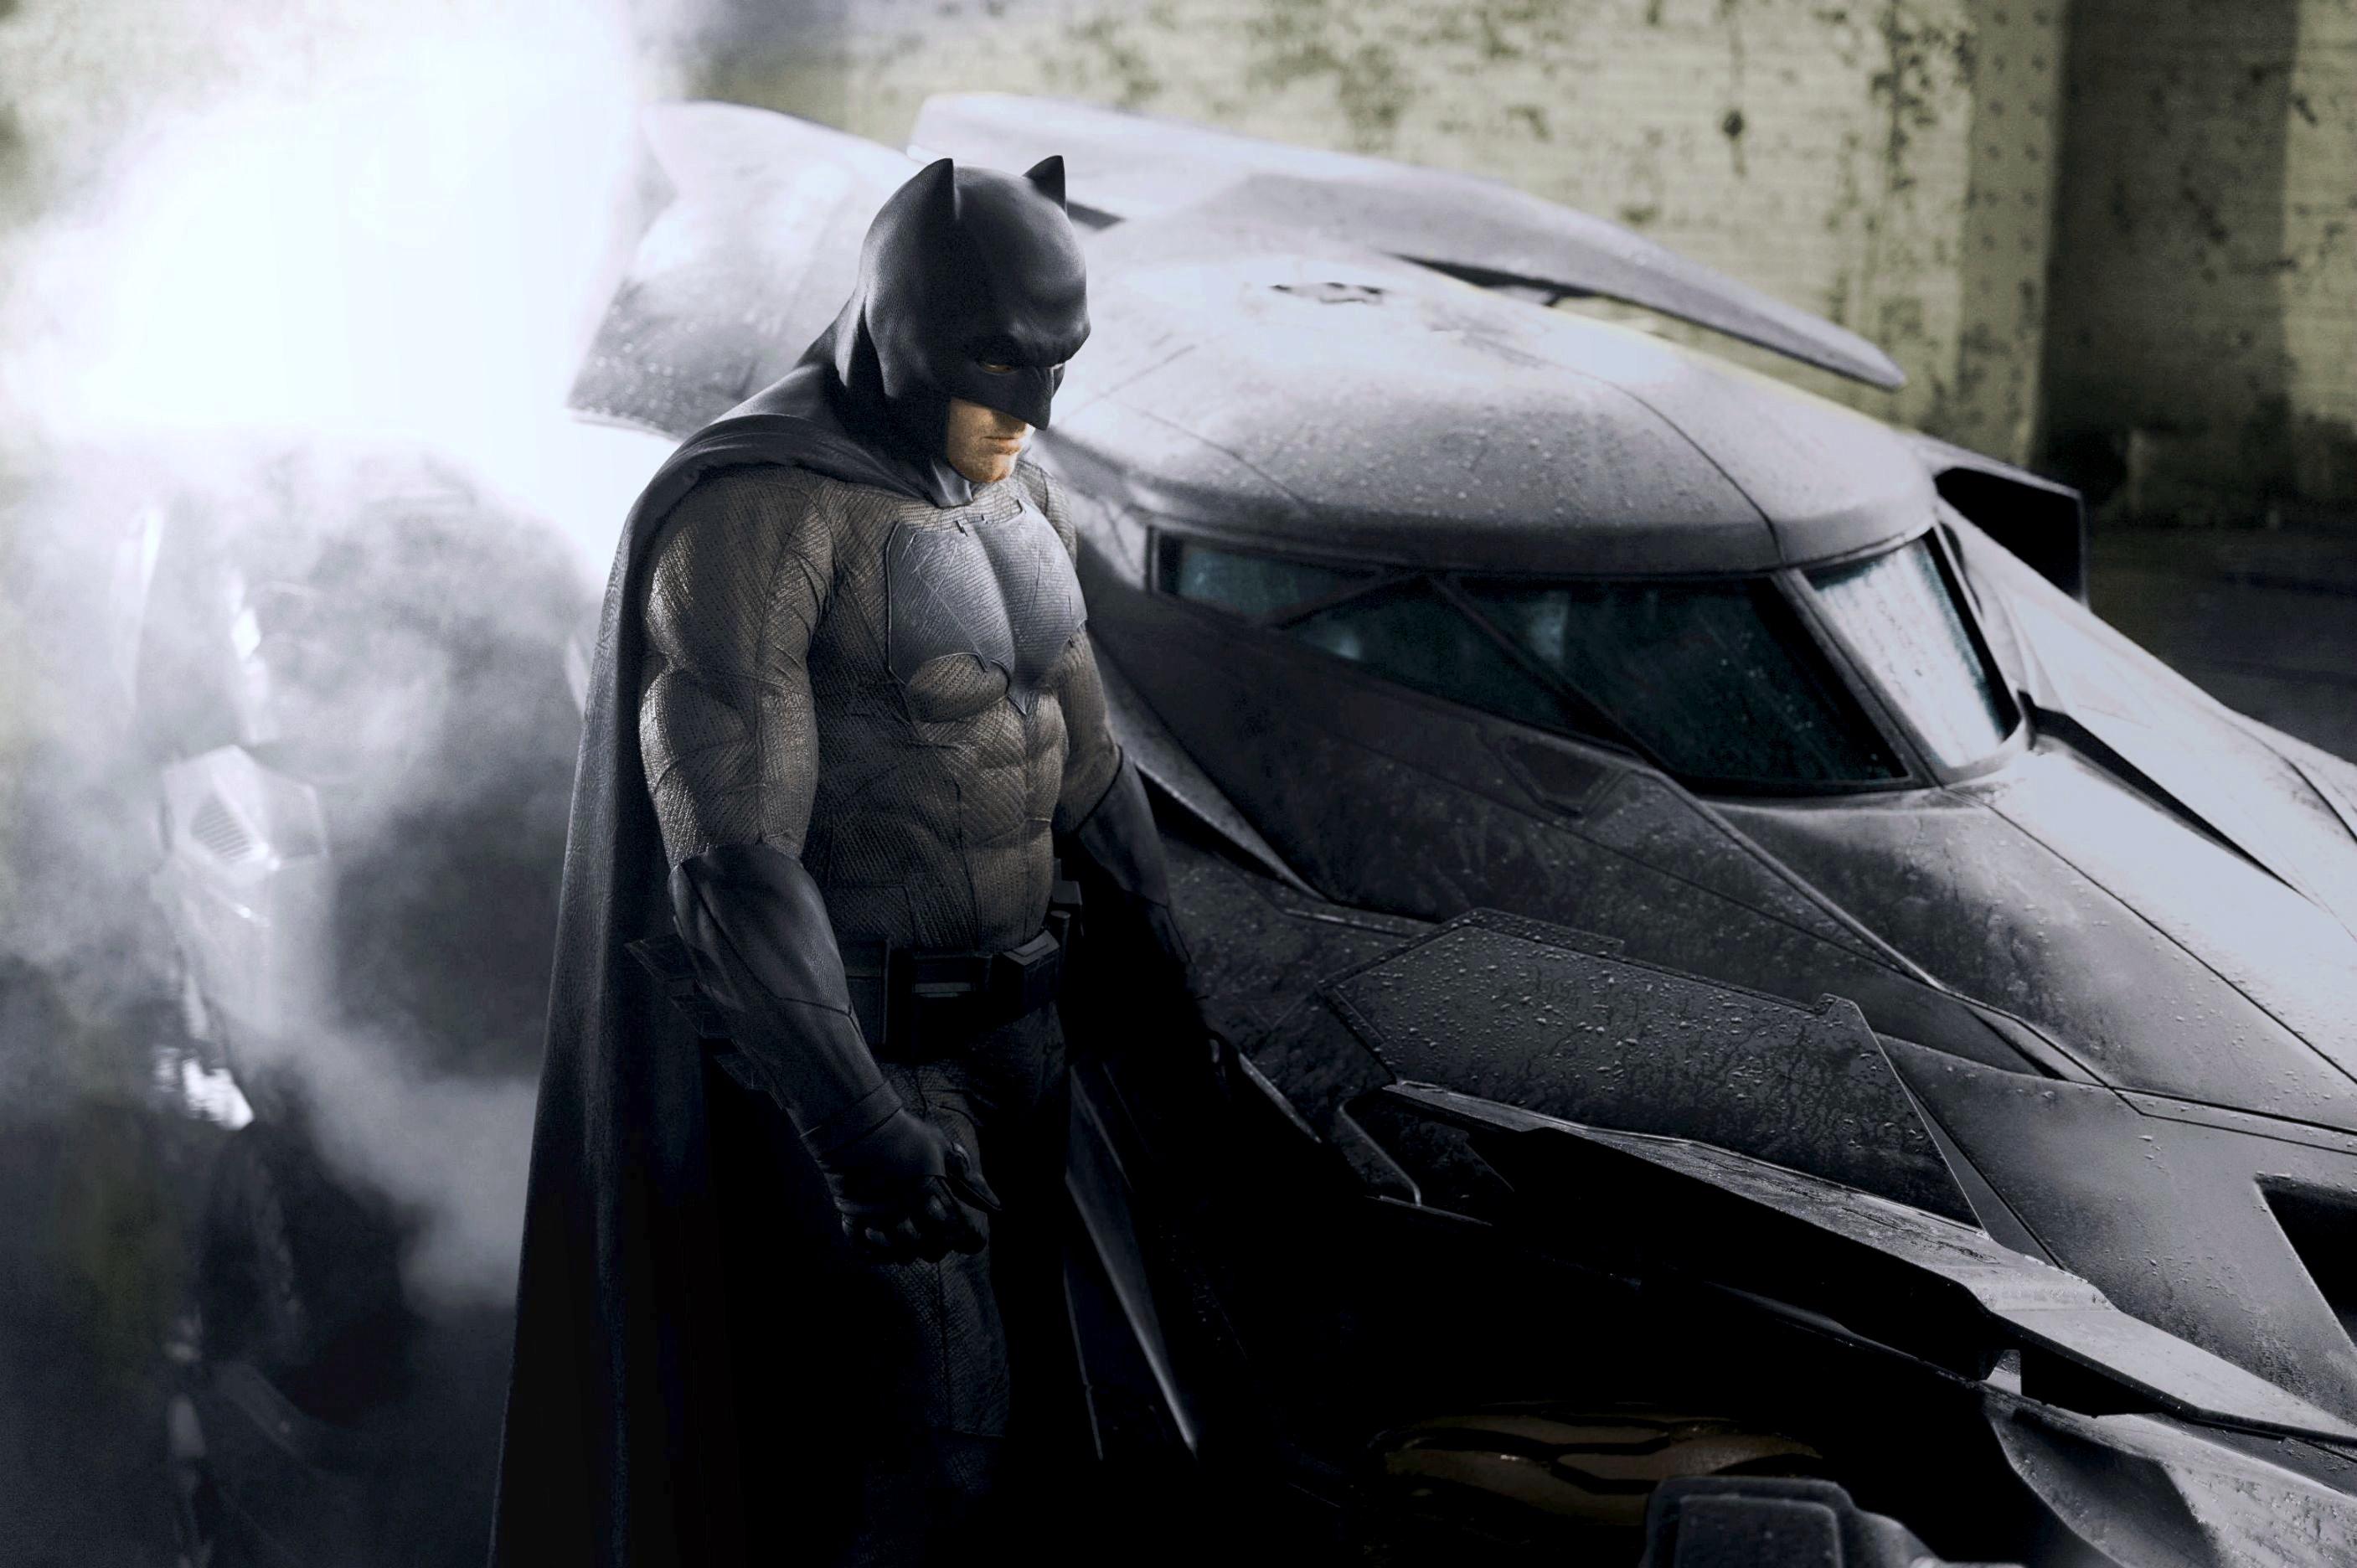 Batman V Superman Dawn Of Justice Wallpaper Stock Images 2xwp0e9b 2814x1872